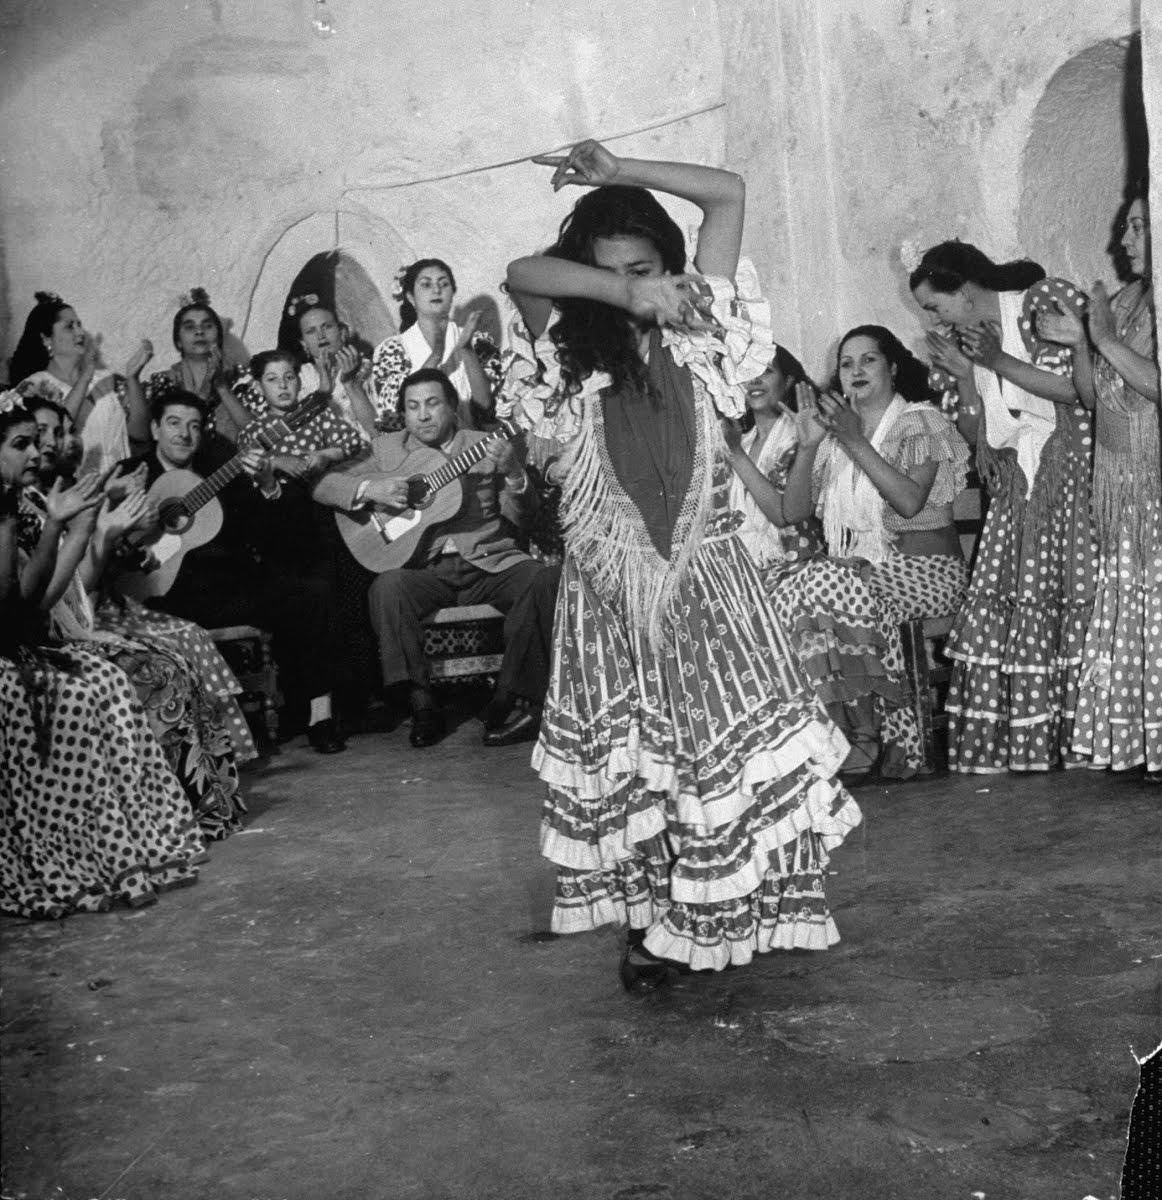 того как старые цыганские фото активные инициативные них